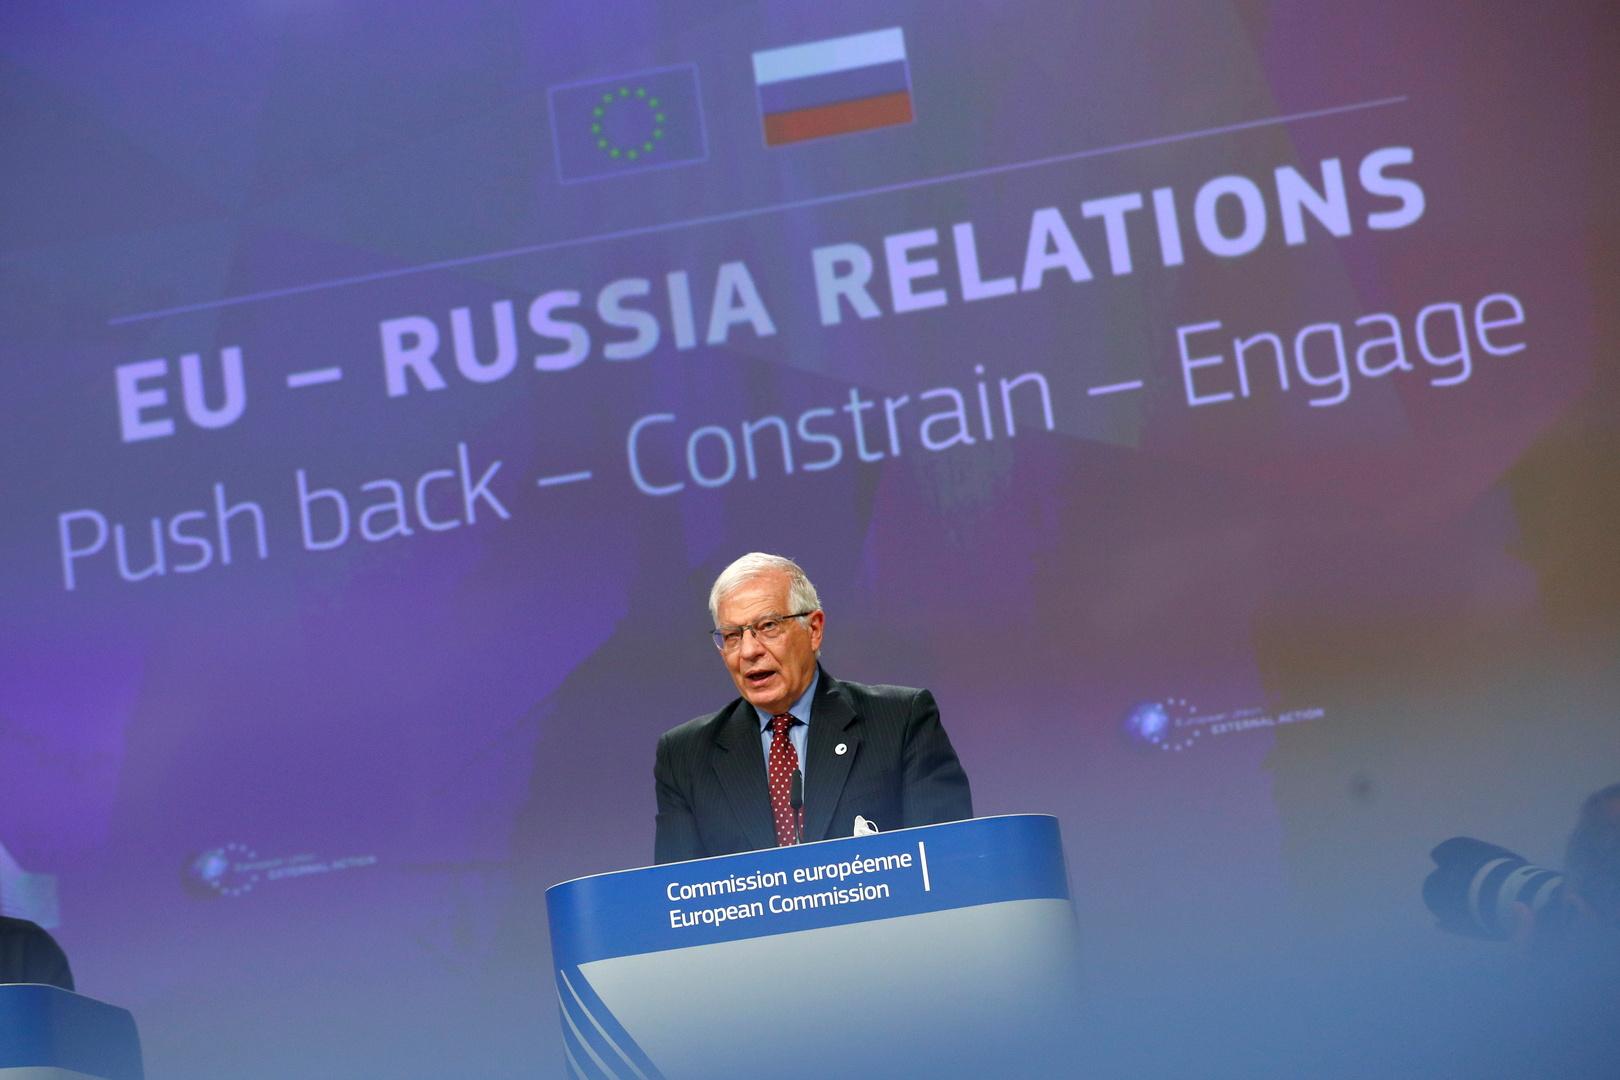 الاتحاد الأوروبي يكشف عن محاور استراتيجيته إزاء روسيا: التصدي، الردع، التعامل